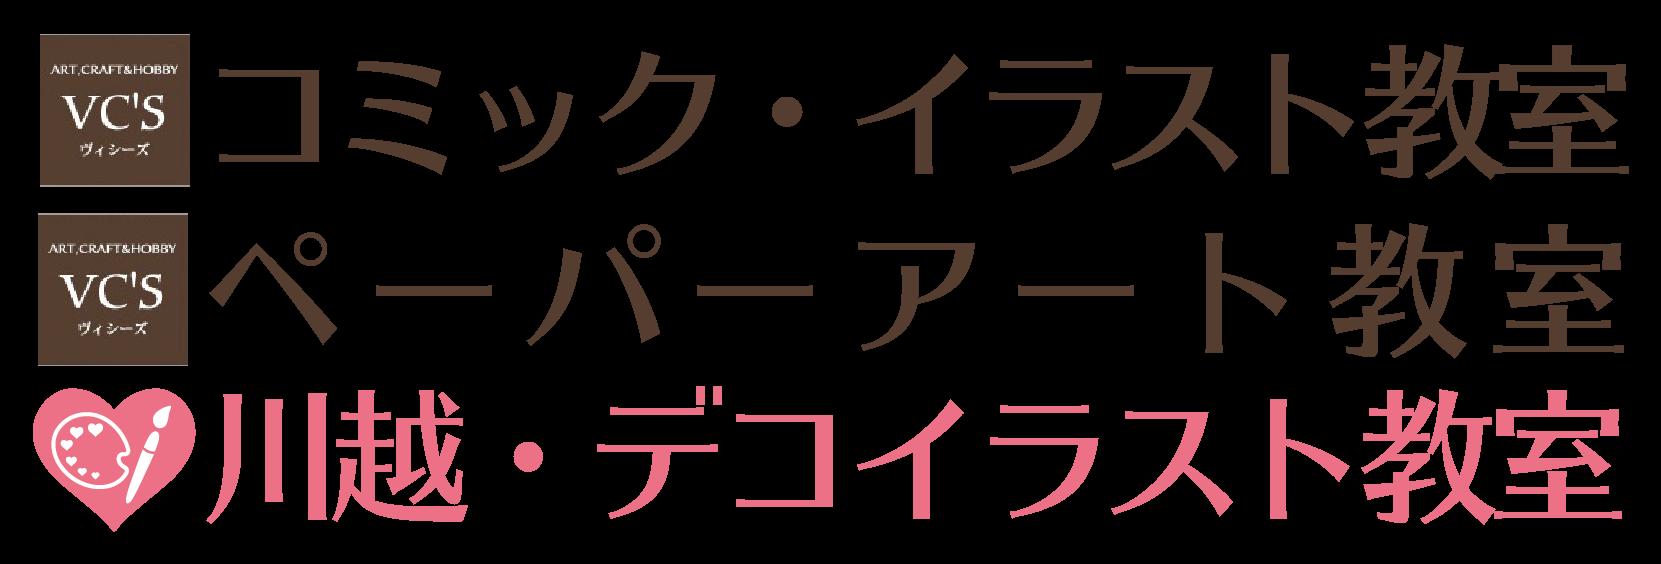 hooter-logo01-01